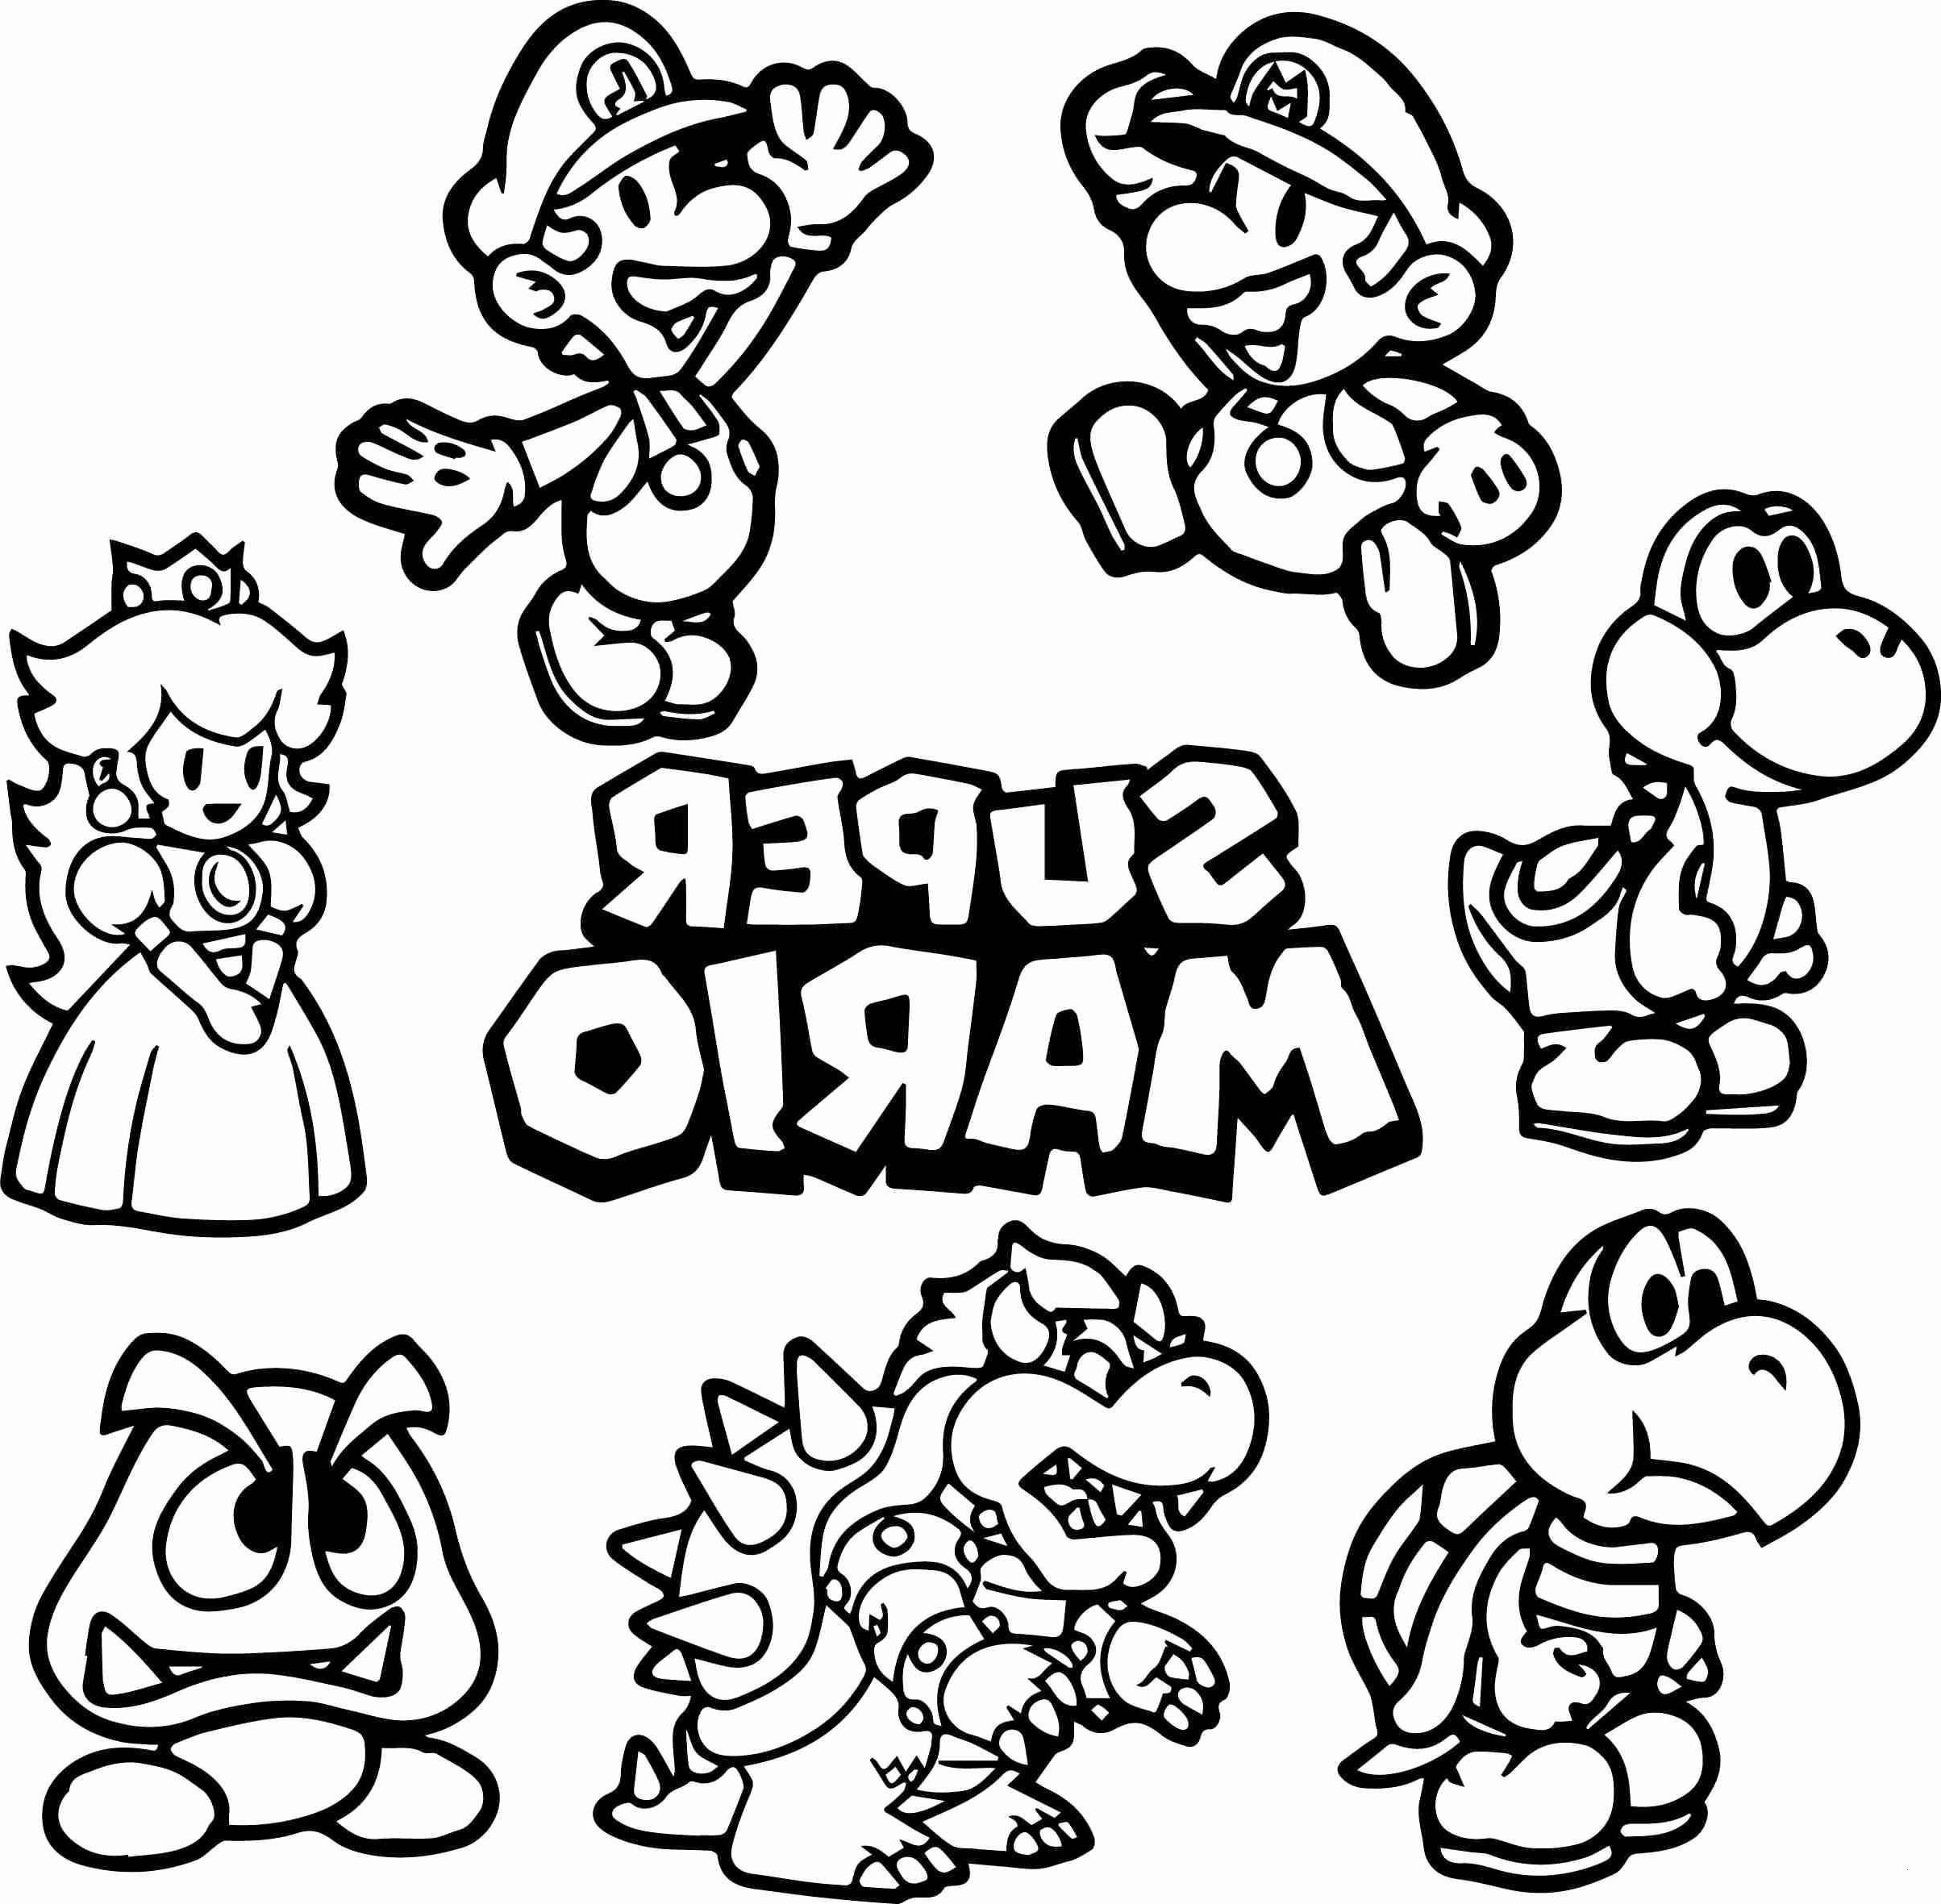 Super Mario Pilz Ausmalbilder Inspirierend 28 Inspirierend Ausmalbild Super Mario – Malvorlagen Ideen Bilder